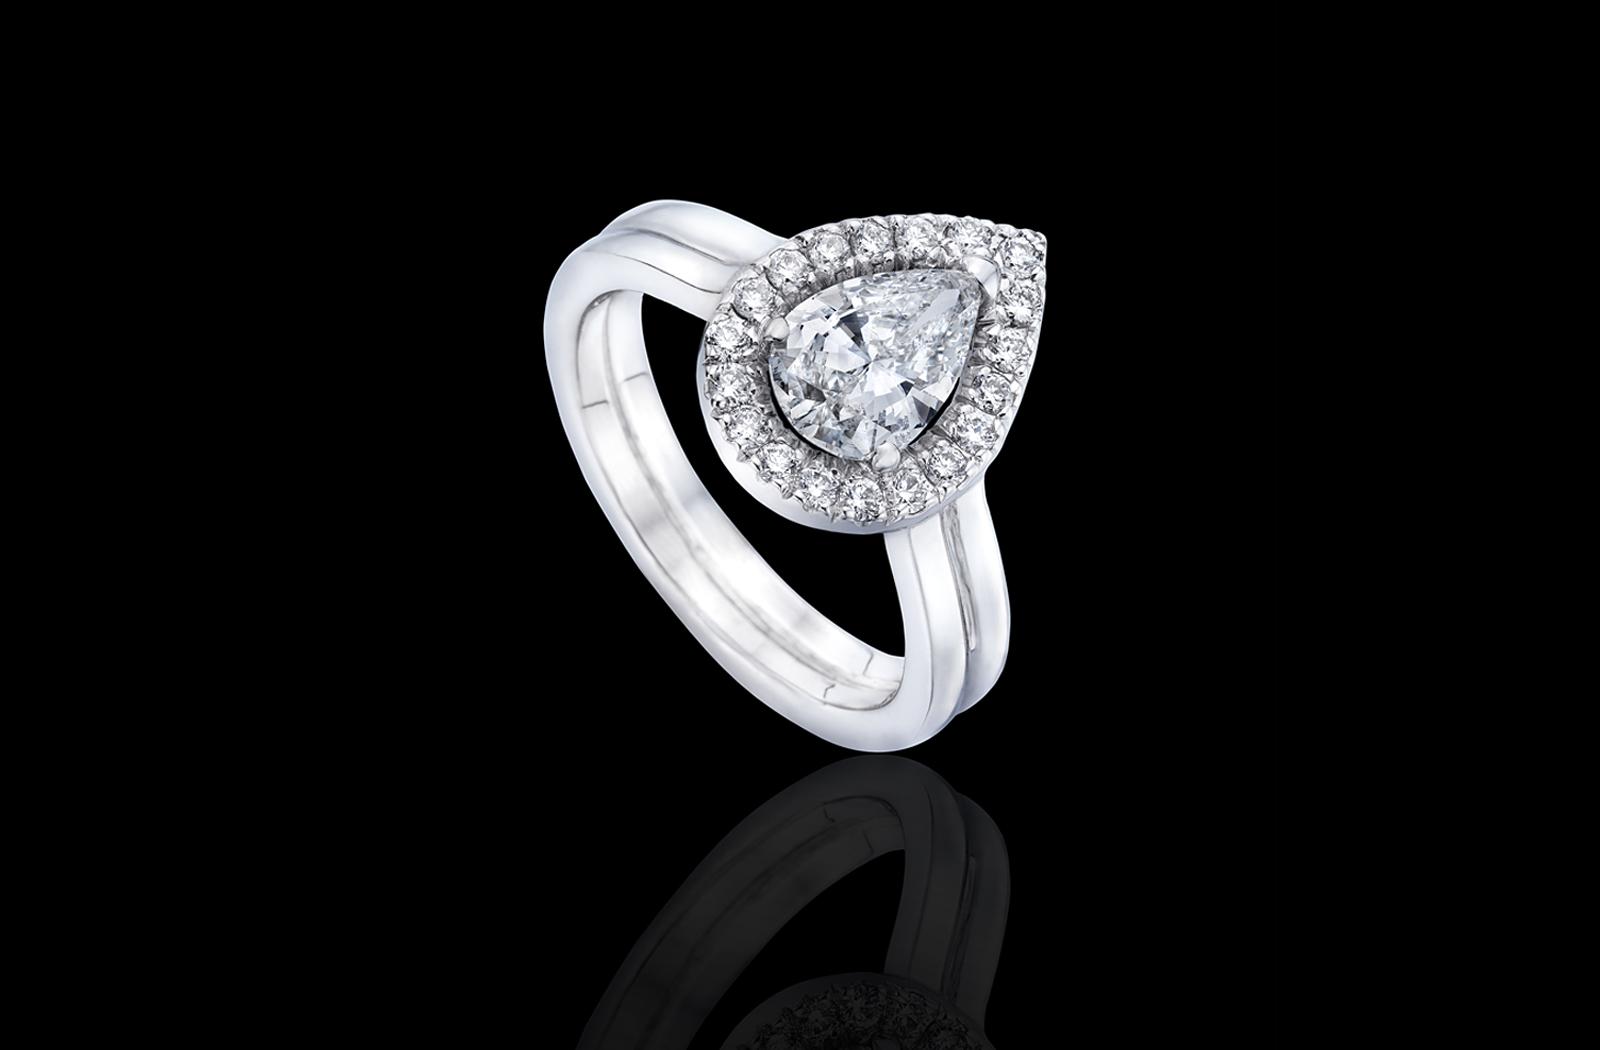 טבעת בזהב לבן 14K משובצת יהלום מרכזי ומעוטרת ביהלומים סביב